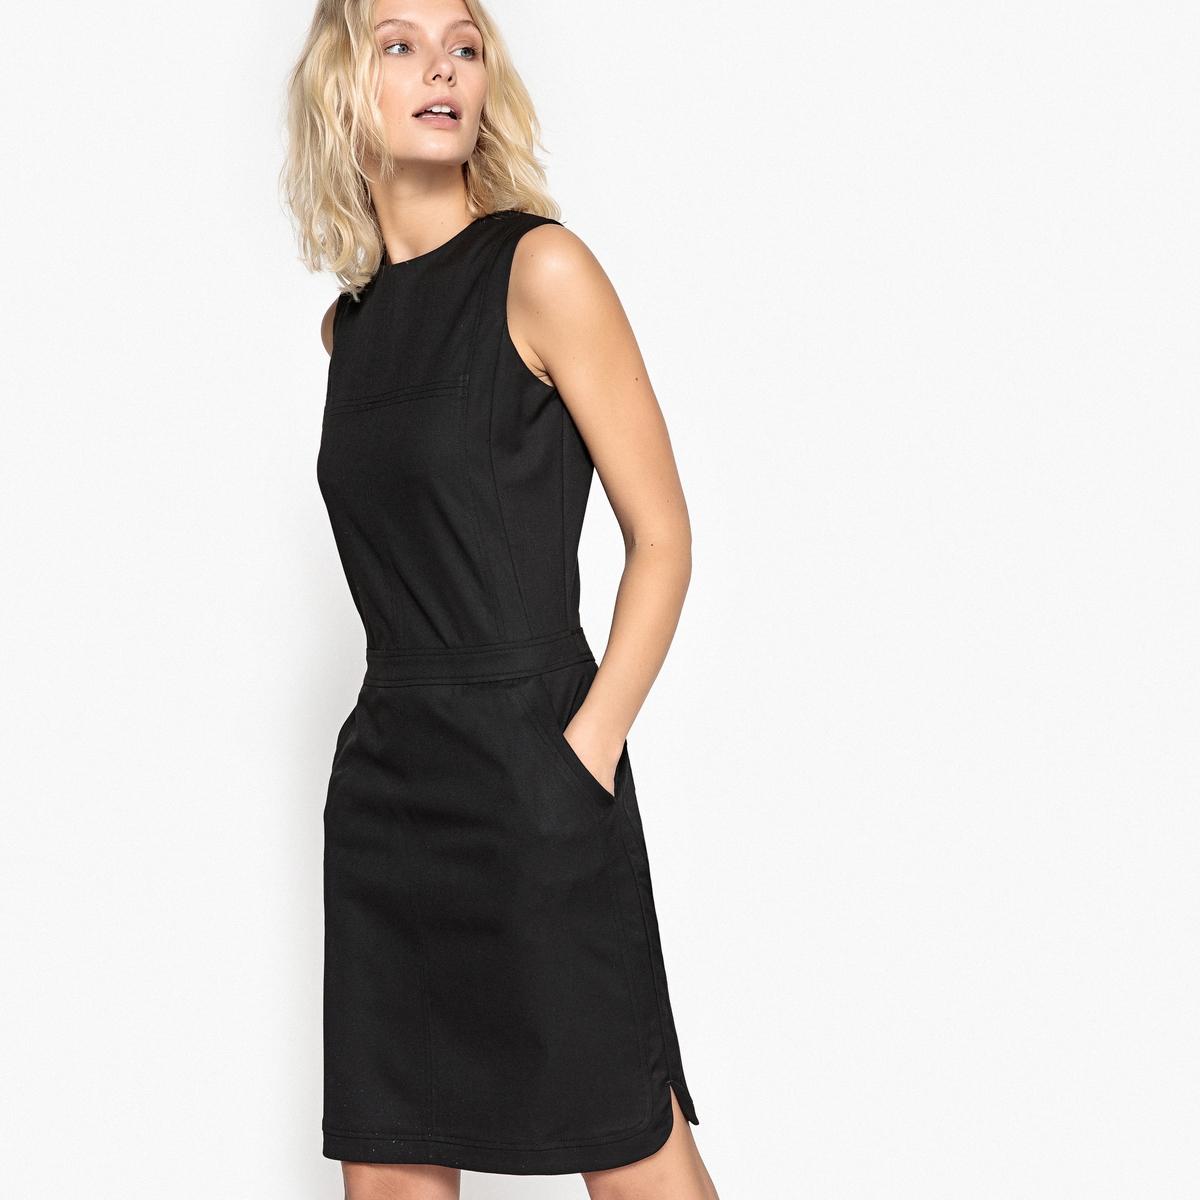 Платье прямое однотонное с застежкой на молнию сзади и без рукавовДетали •  Форма : расклешенная •  Укороченная модель •  Без рукавов    •  Круглый вырезСостав и уход •  35% вискозы, 2% эластана, 63% полиэстера •  Стирать при 40° •  Сухая чистка и отбеливание запрещены •  Не использовать барабанную сушку •  Низкая температура глажки •  Длина  : 92 см<br><br>Цвет: черный